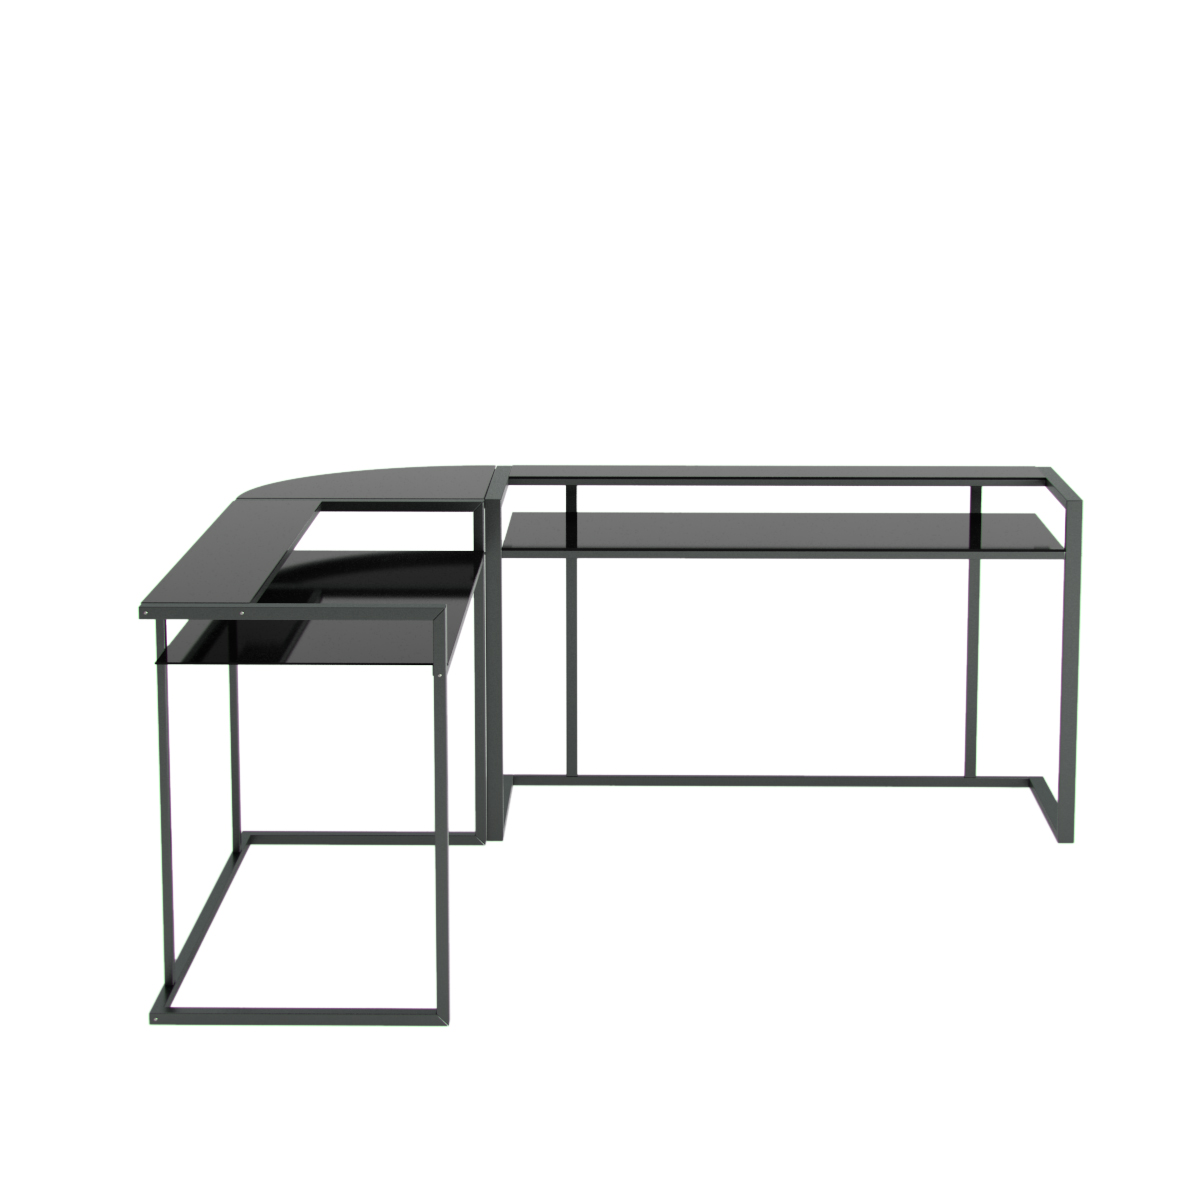 Belmac 3 Piece Corner C Frame L Shaped Computer Desk In Black Glass And Black Frame